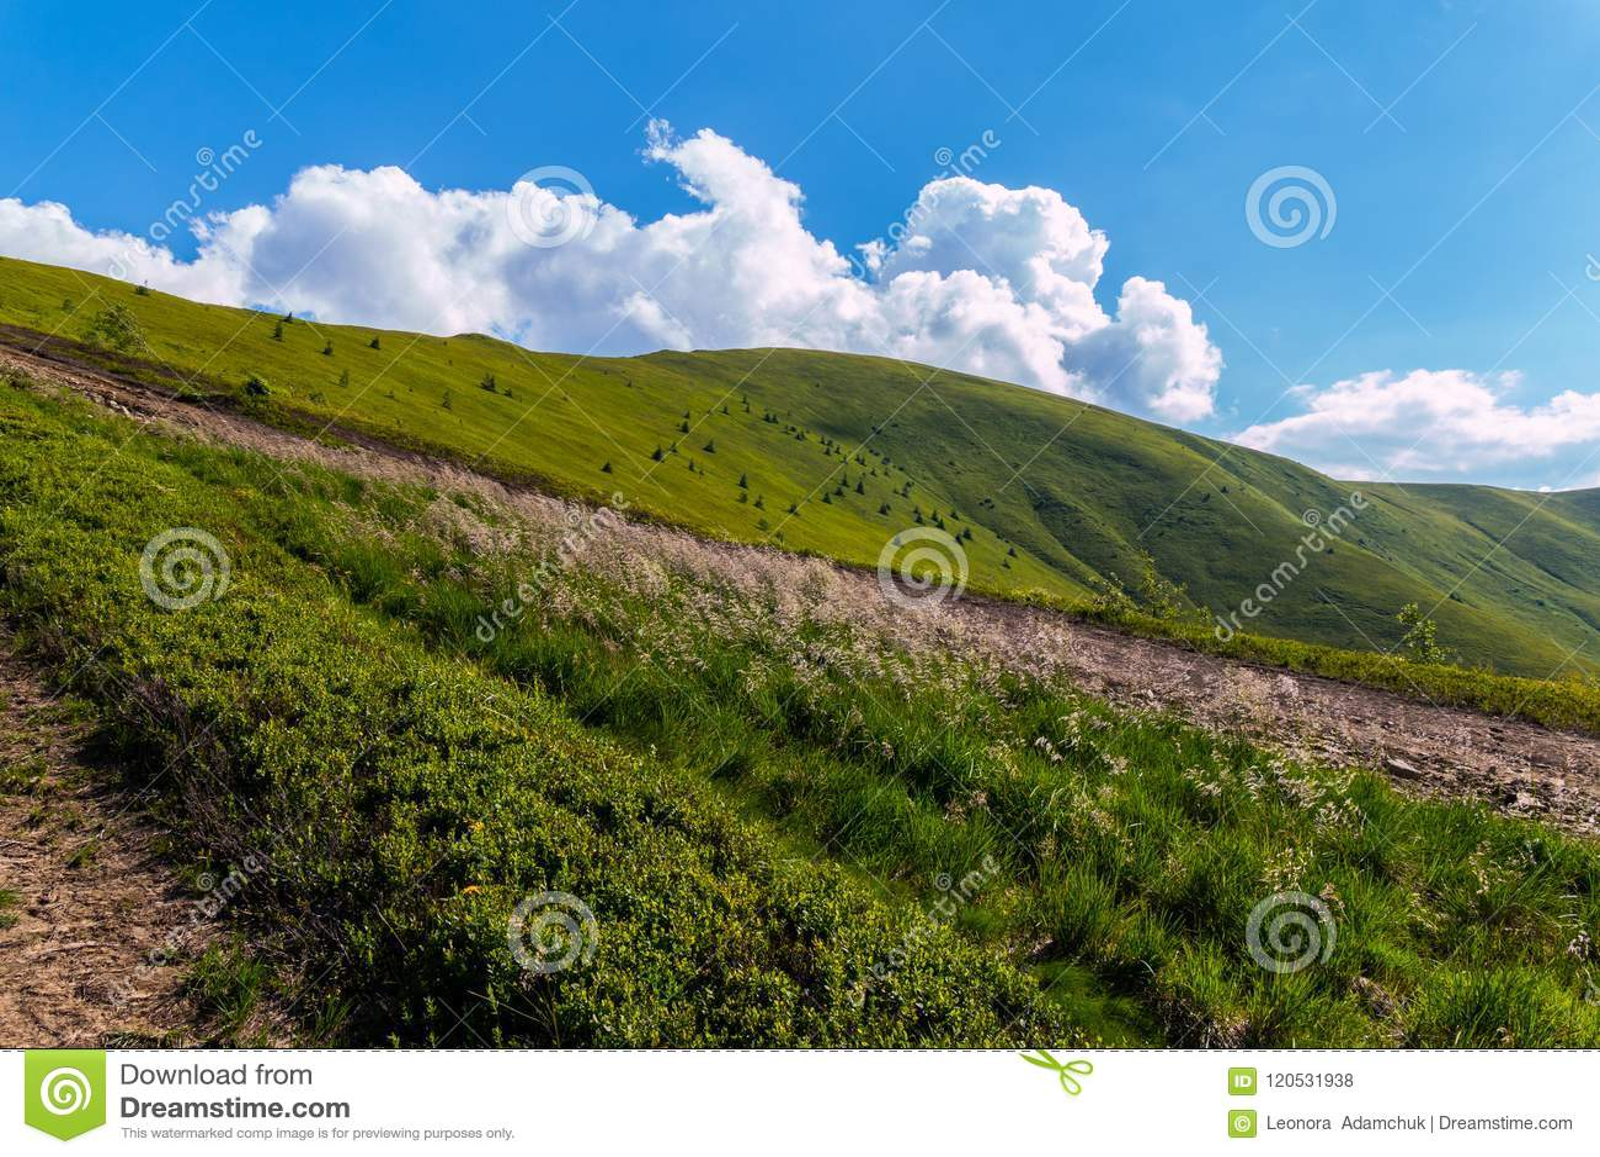 Chemin sur la pente verte de la montagne sous un ciel bleu lumineux avec des nuages